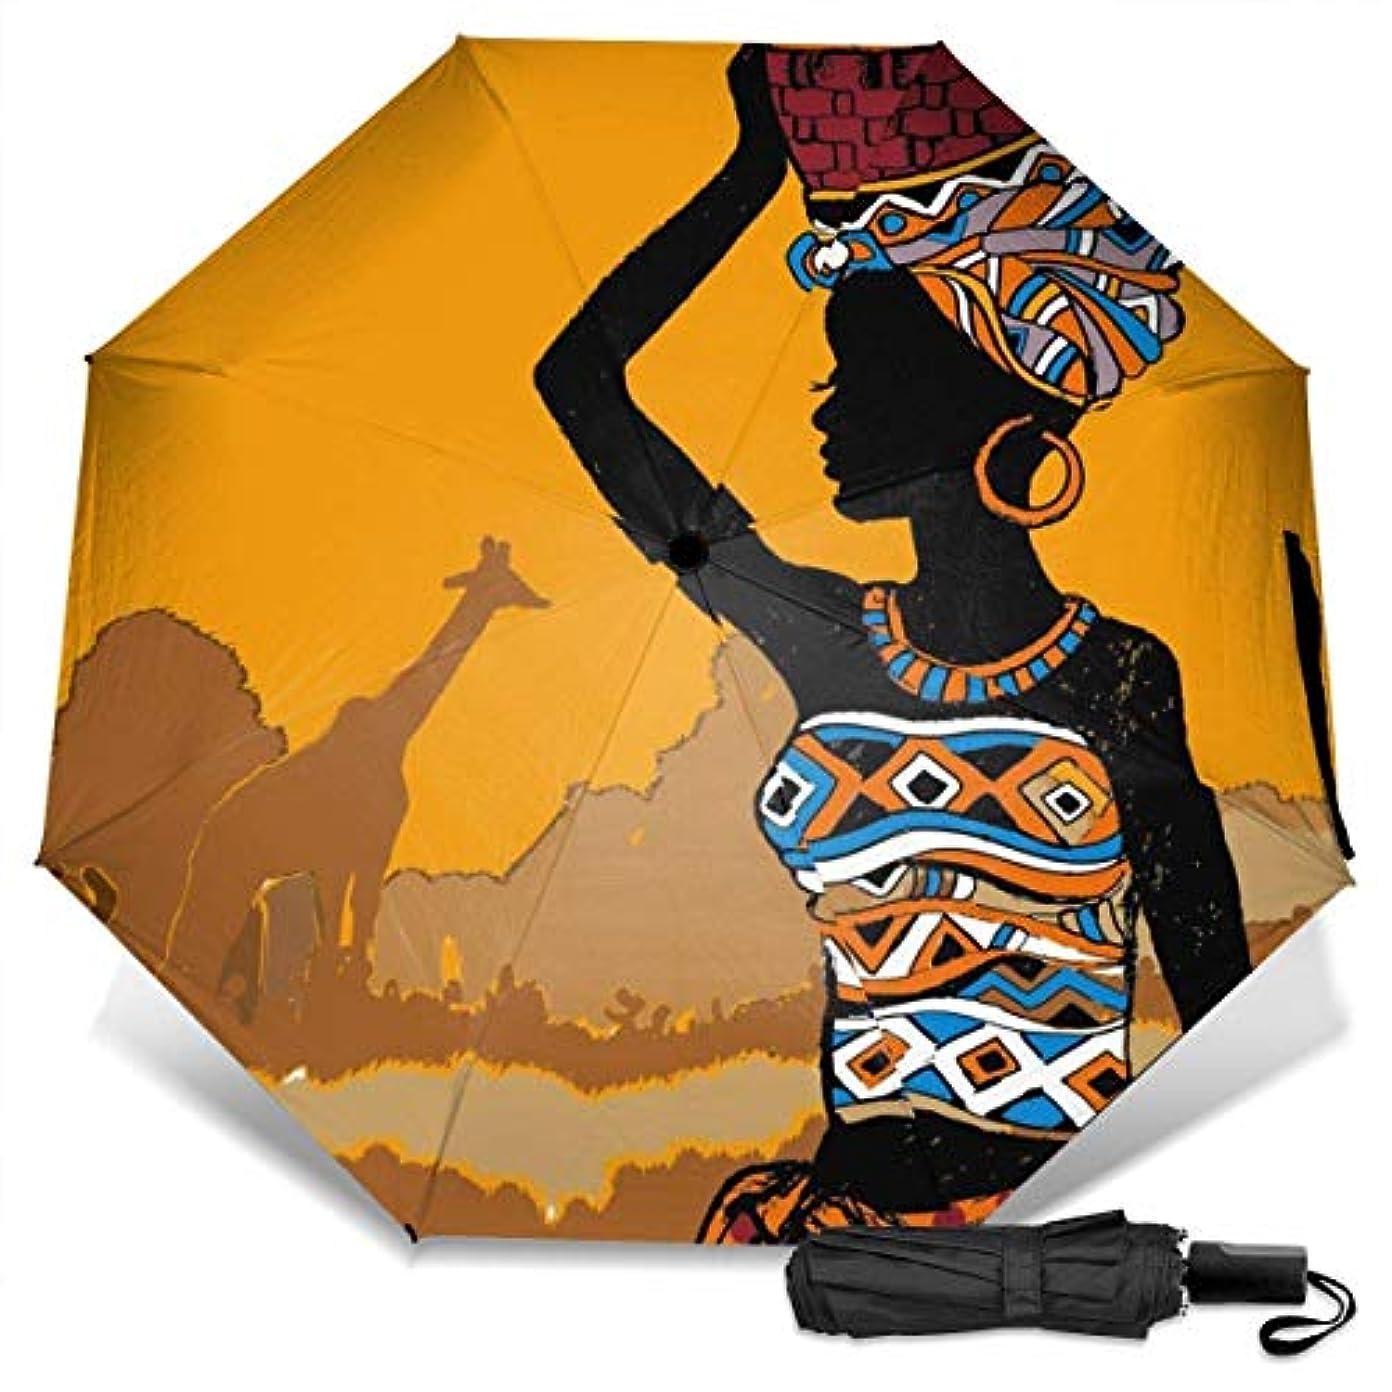 直面するミュウミュウジュースアフリカの女性の頭持株Stean折りたたみ傘 軽量 手動三つ折り傘 日傘 耐風撥水 晴雨兼用 遮光遮熱 紫外線対策 携帯用かさ 出張旅行通勤 女性と男性用 (黒ゴム)